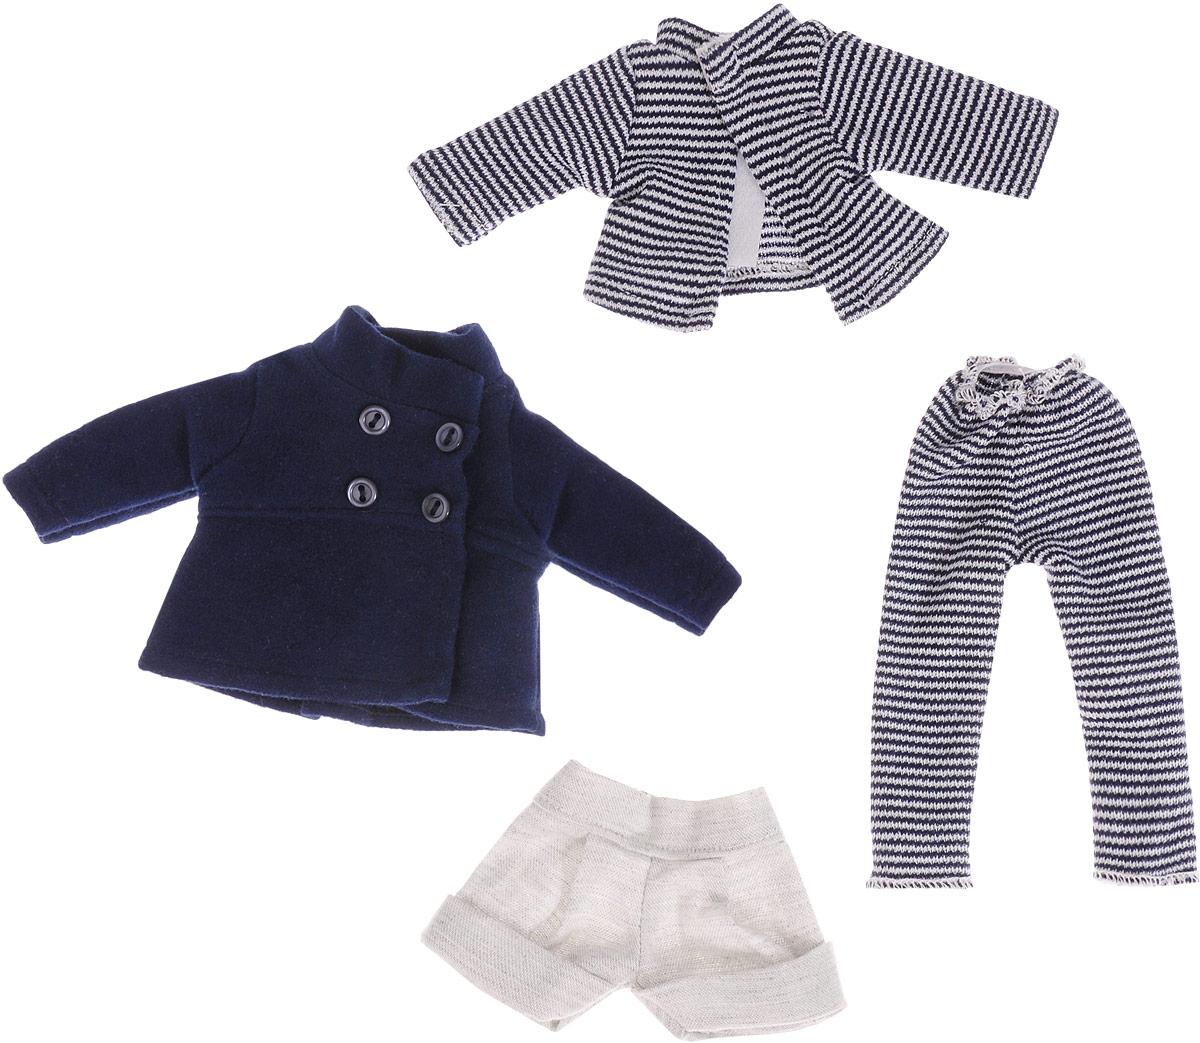 Vestida de Azul Комплект одежды для куклы Карлотты Осень Pret-a-porte куклы и одежда для кукол vestida de azul паулина рыжая кудряшка лето прованс